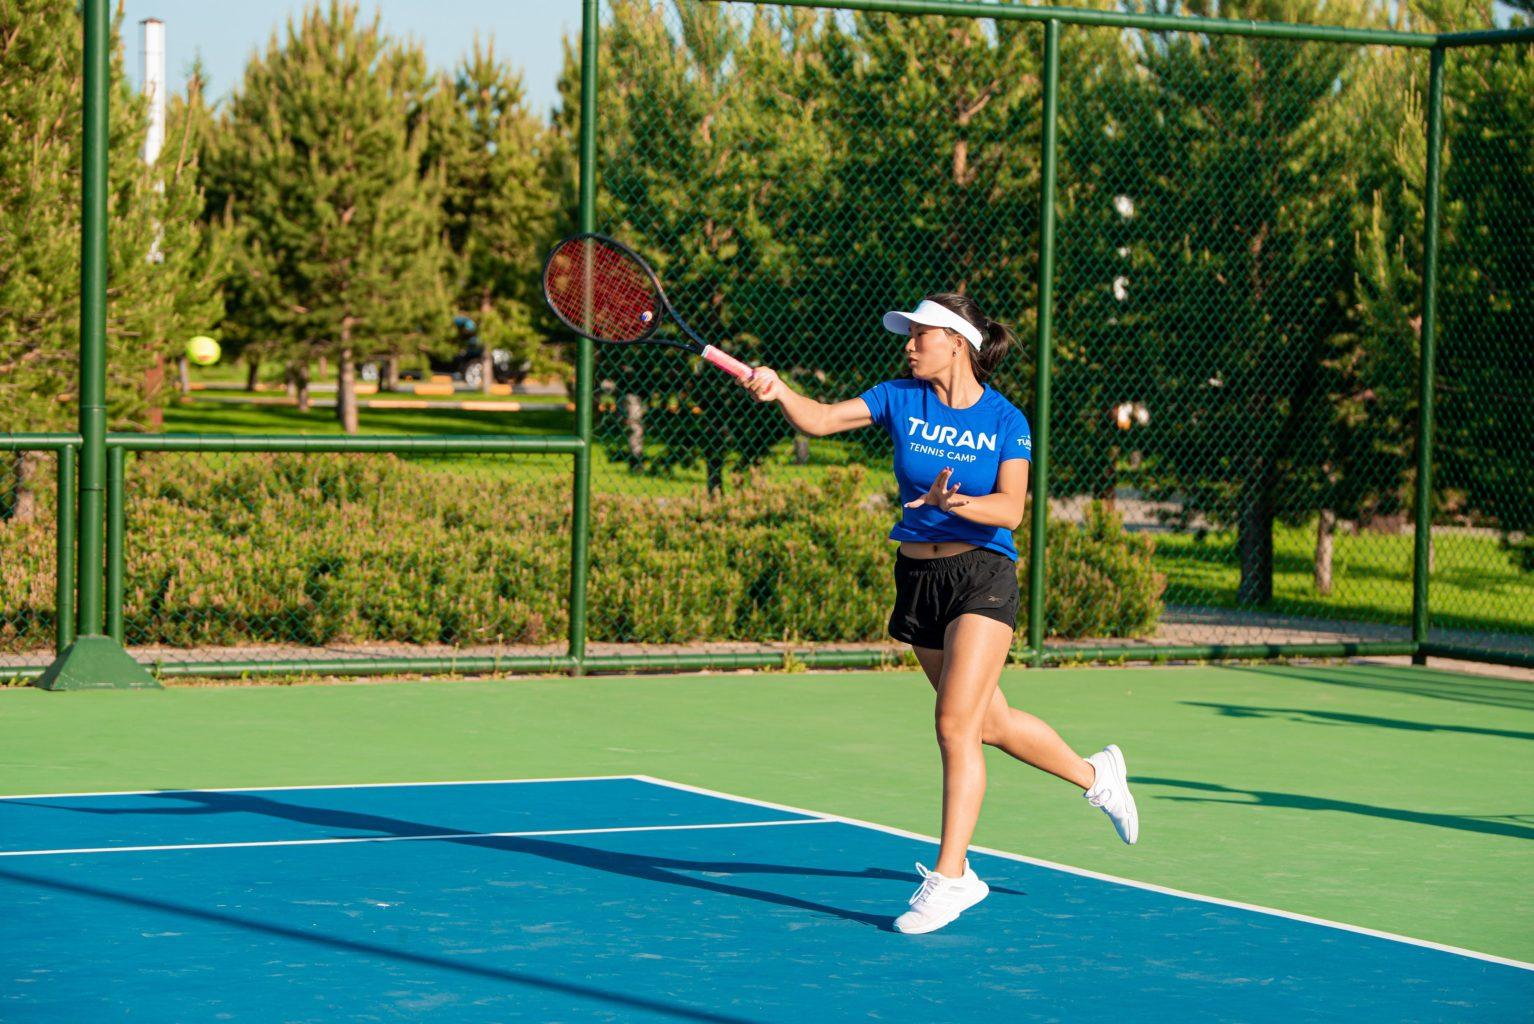 TURAN TENNIS CAMP: теннисный лагерь для лучших